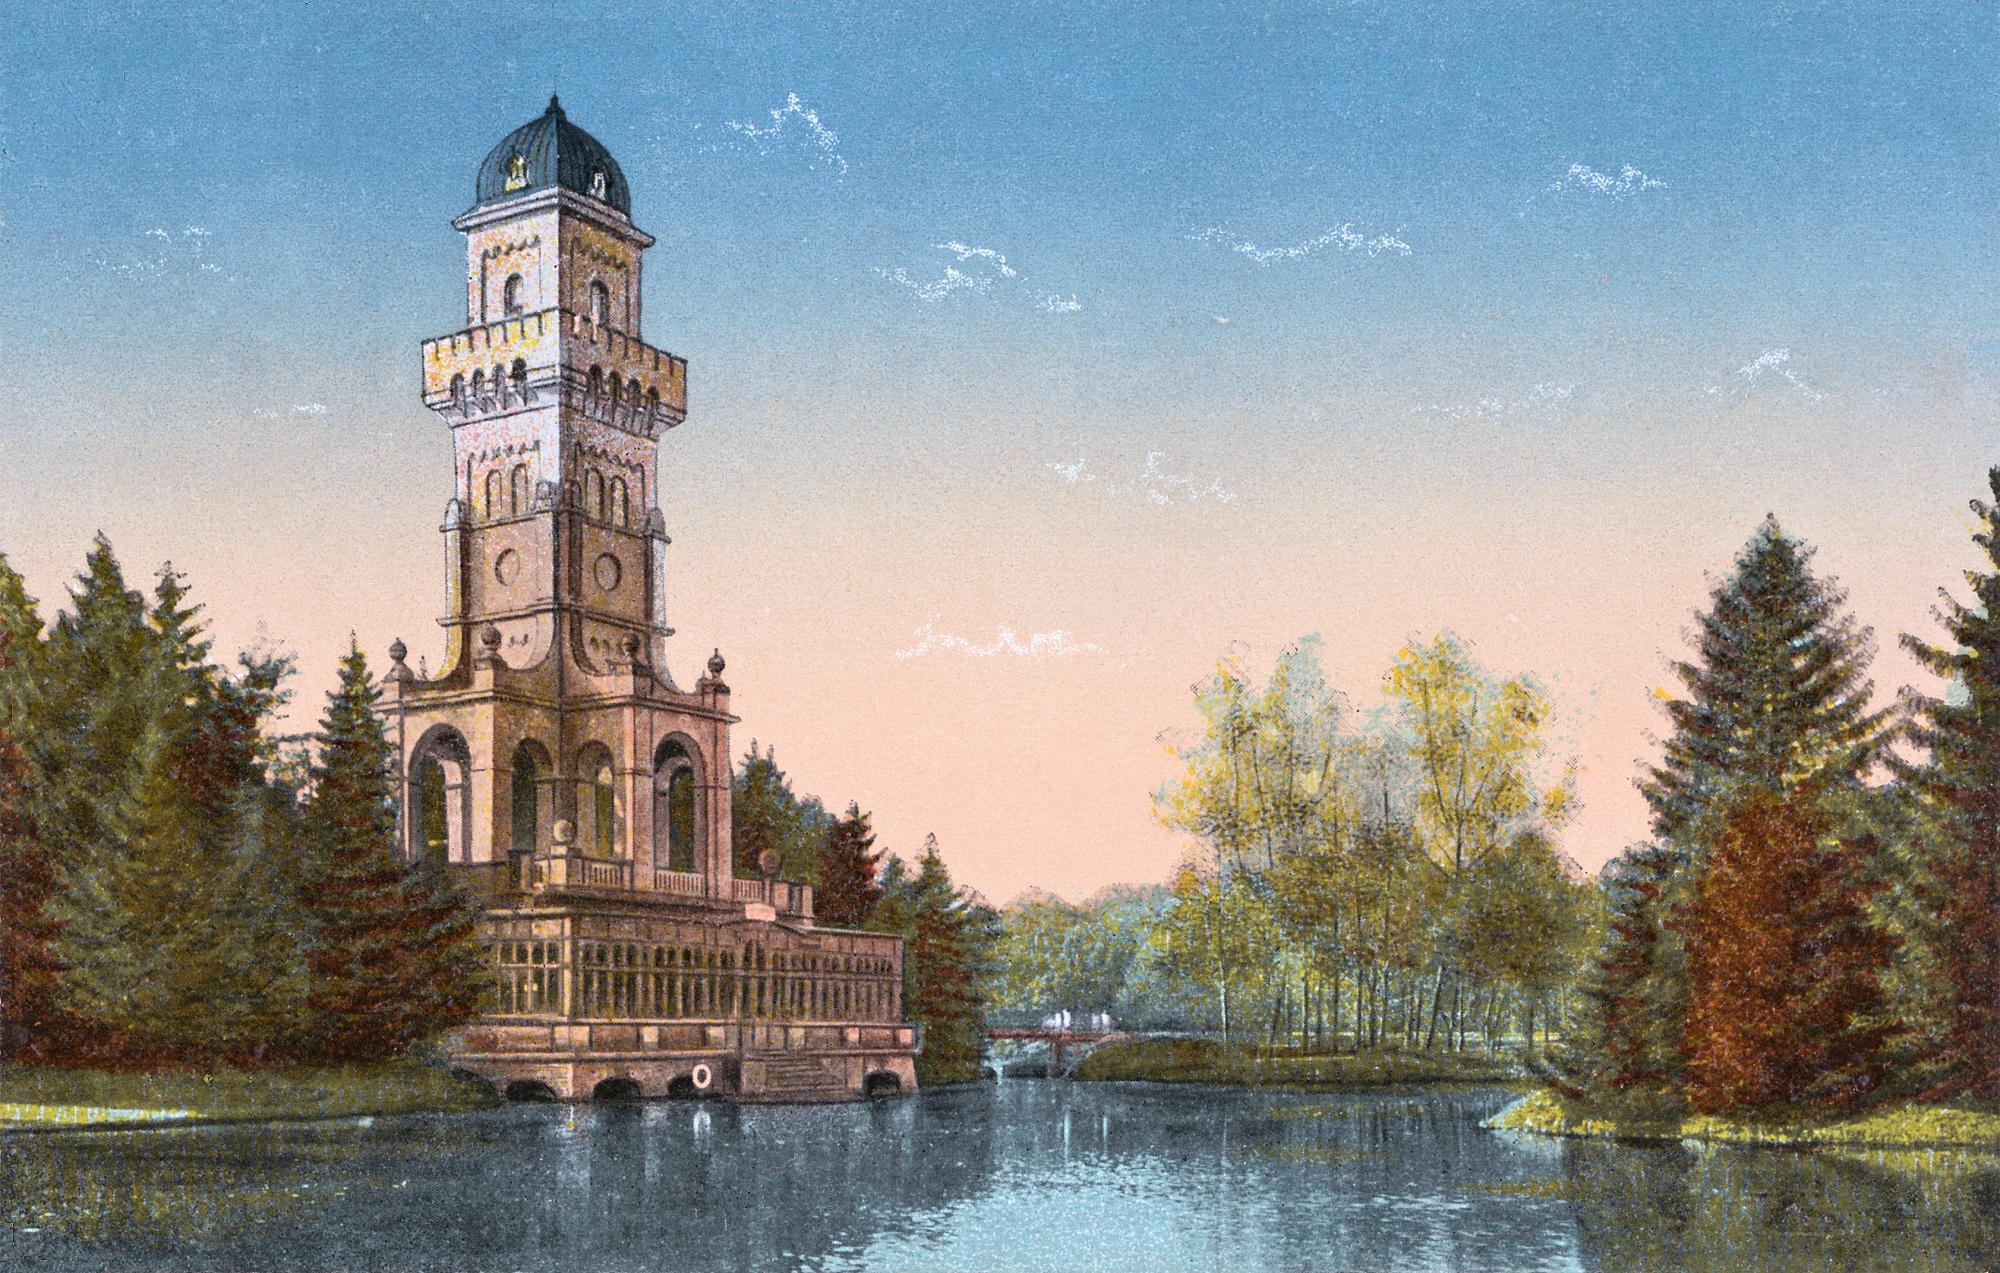 Nr.21 - Aussichtsturm am See - Kartenquerformat